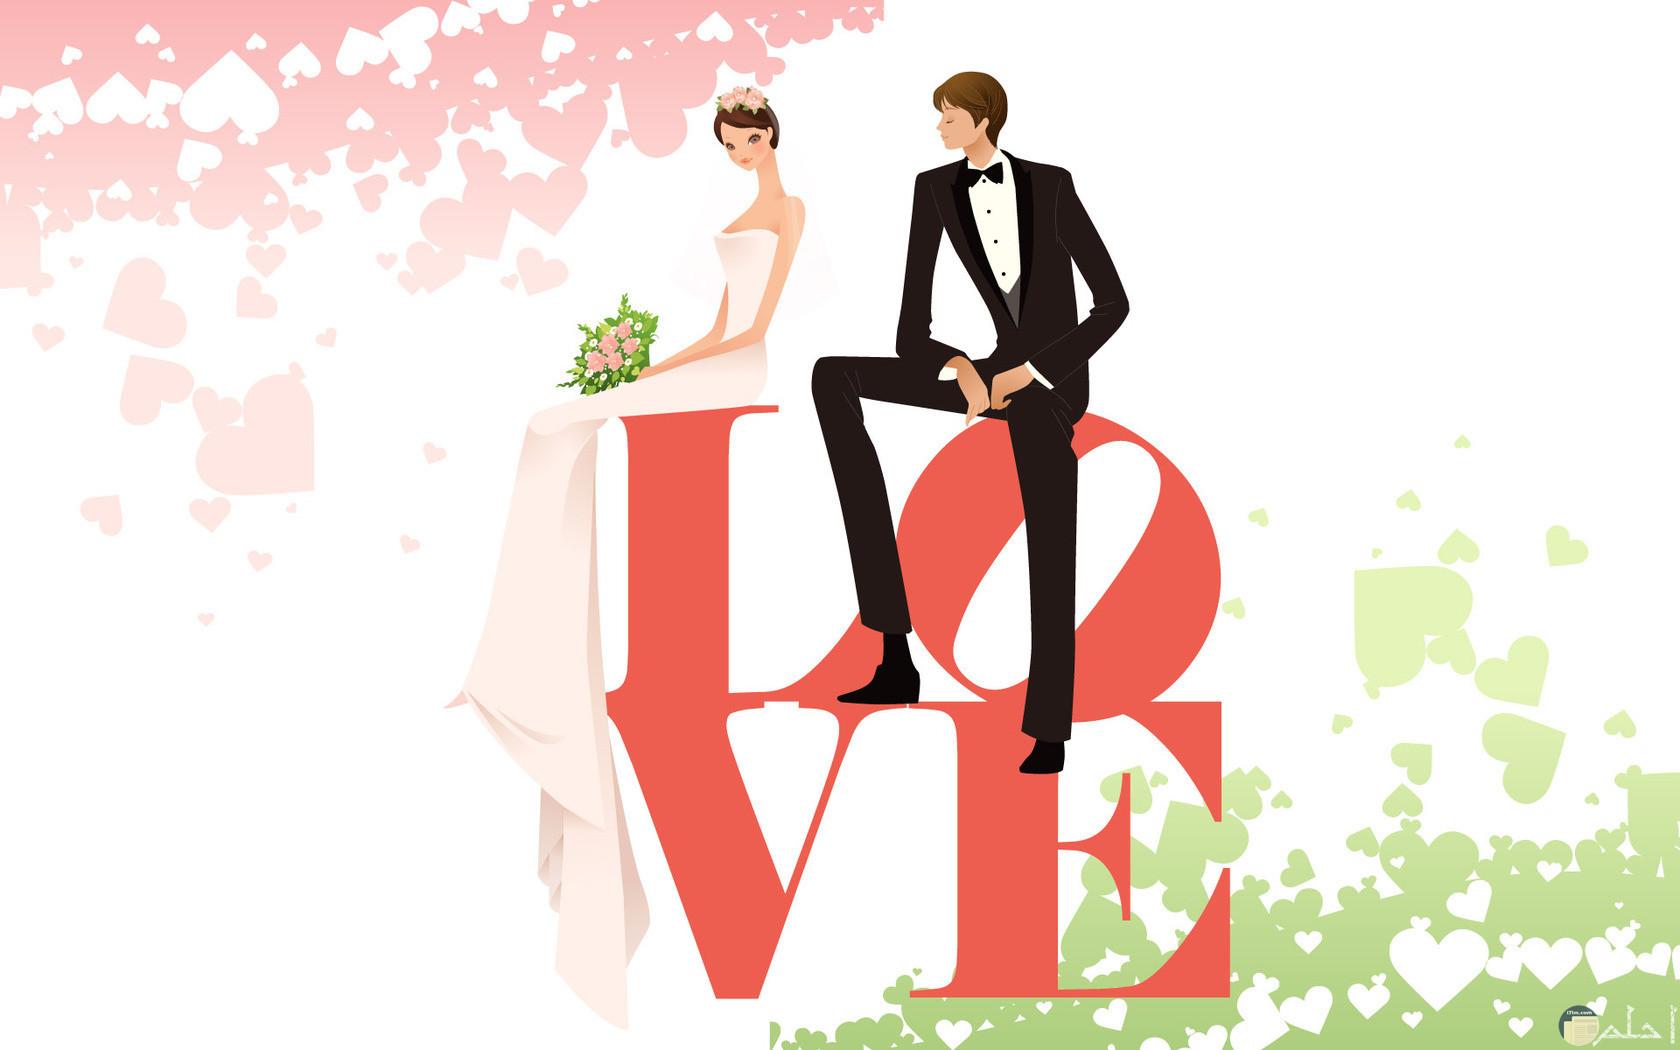 رومانسية الحب تجمع بين العروسين.